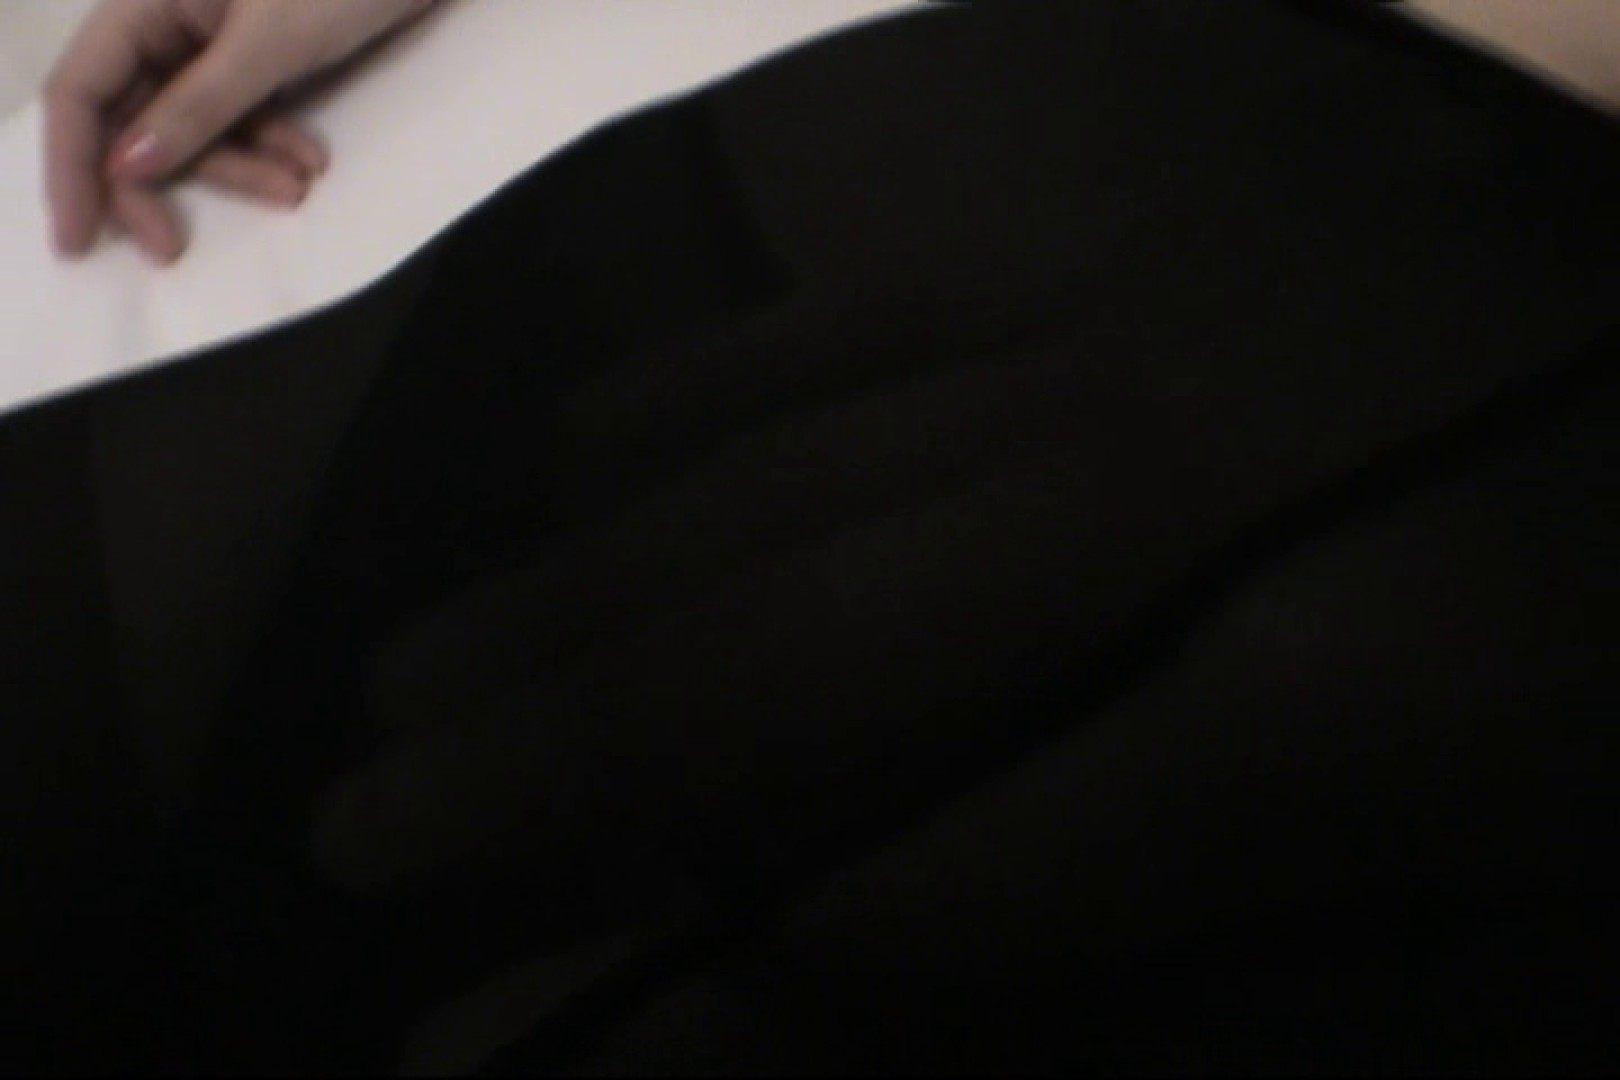 四十路の熟れた体が男を欲しがる~山川としえ~ 乳首 | 覗き  66連発 43